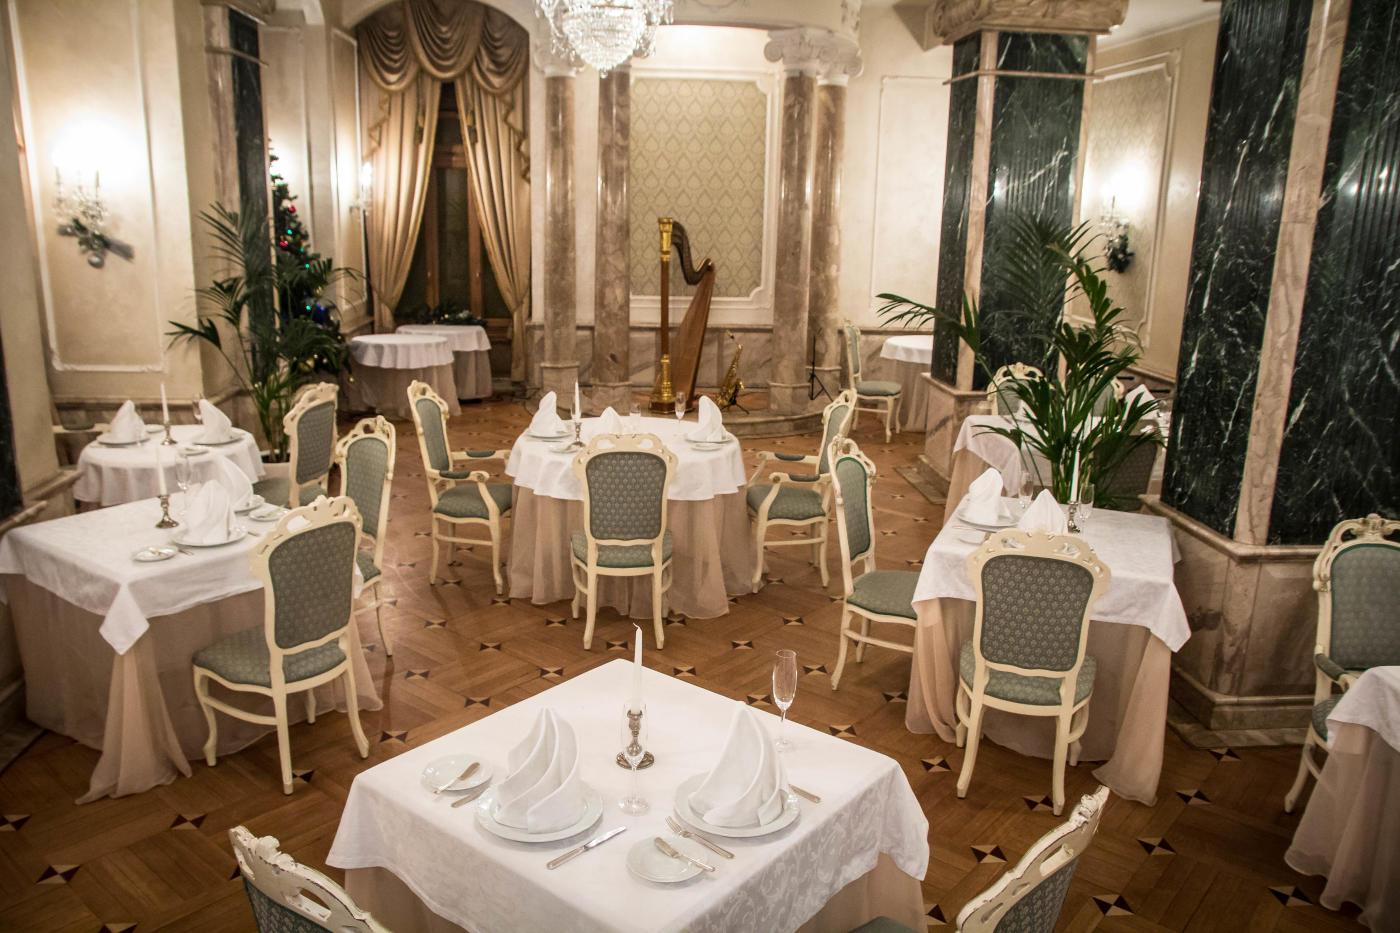 Ресторан Ривьера (Riviere) фото 1